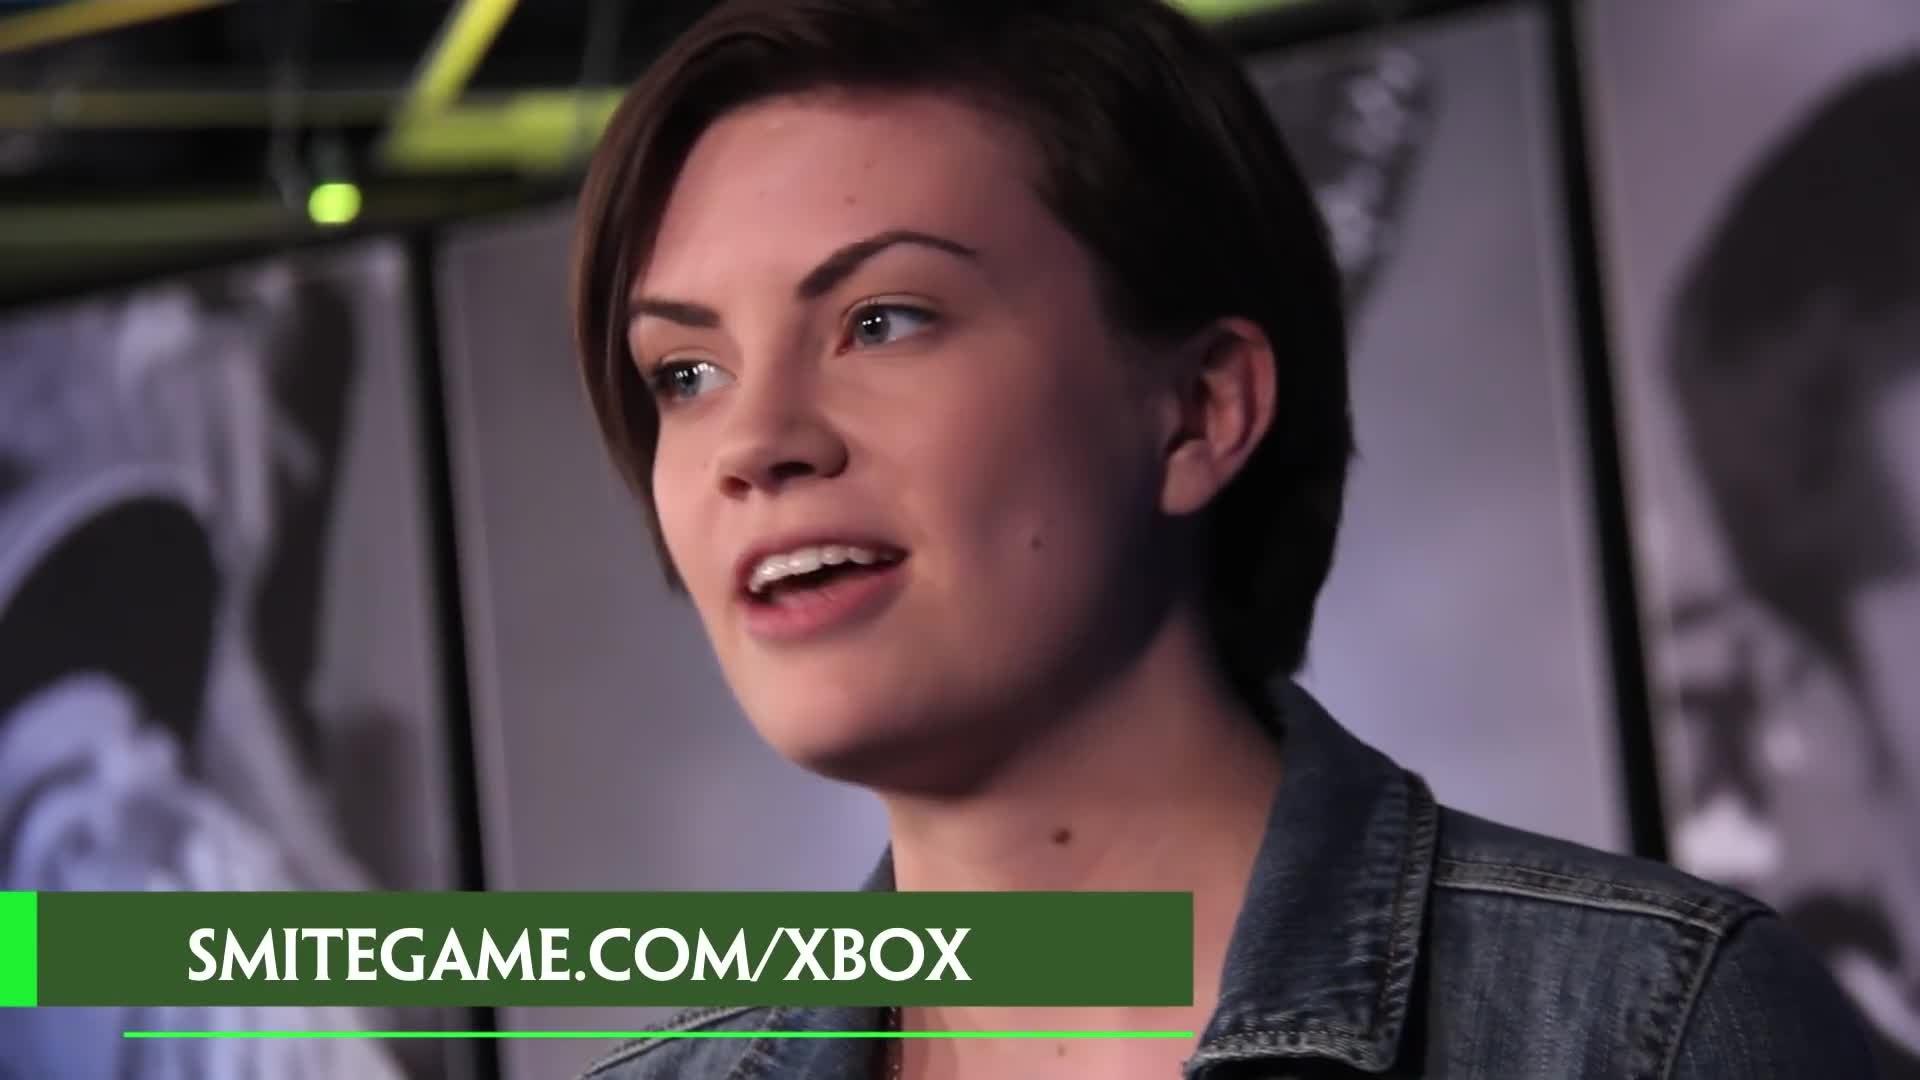 SMITE (Xbox One) BETA - Invitation Trailer (2015)